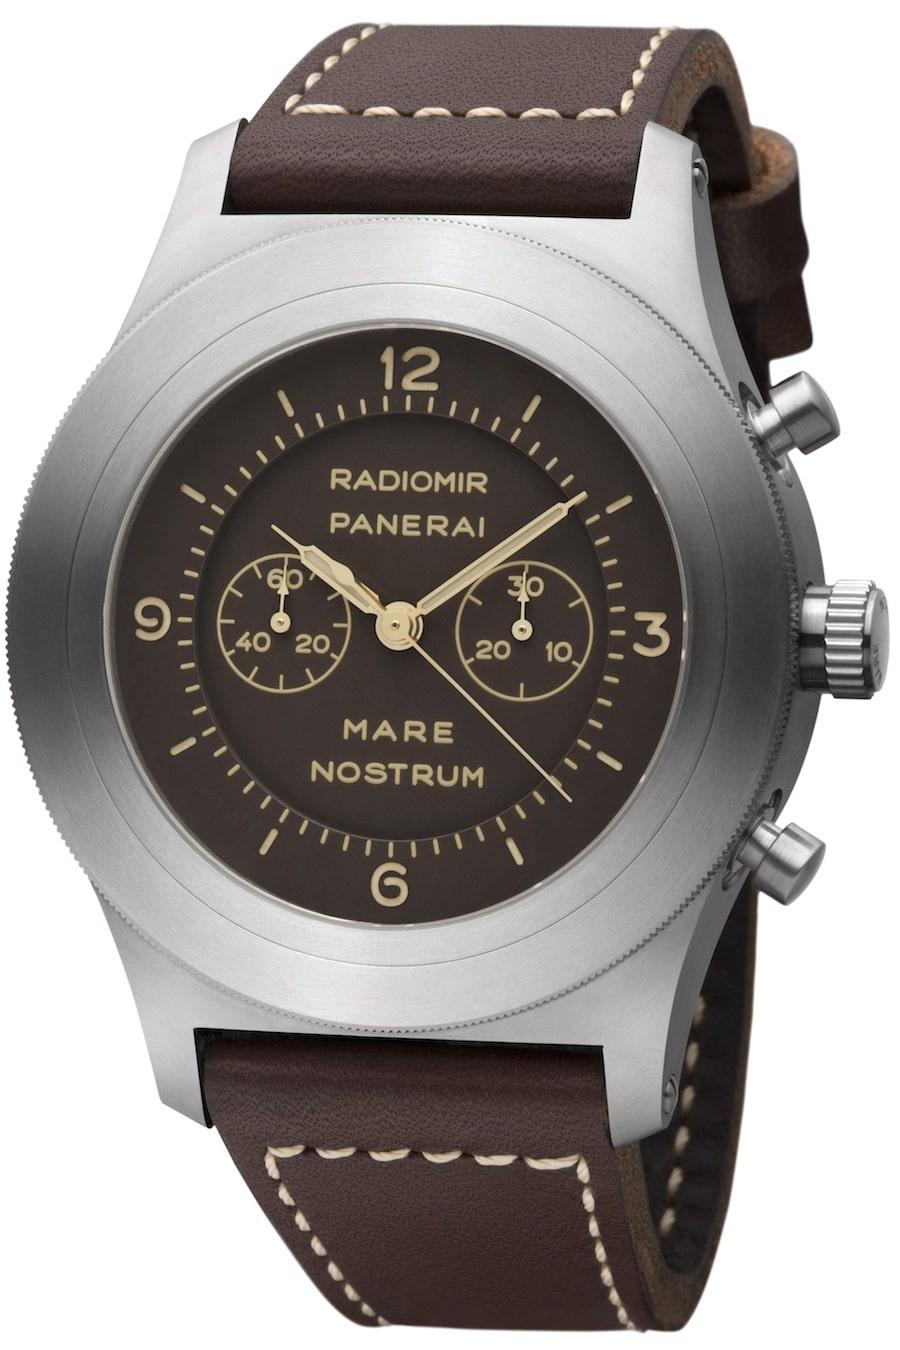 Der Chronograph mit einem neuen Manufaktur-Werk besitzt ein 52-Millimeter-Gehäuse aus Titan.